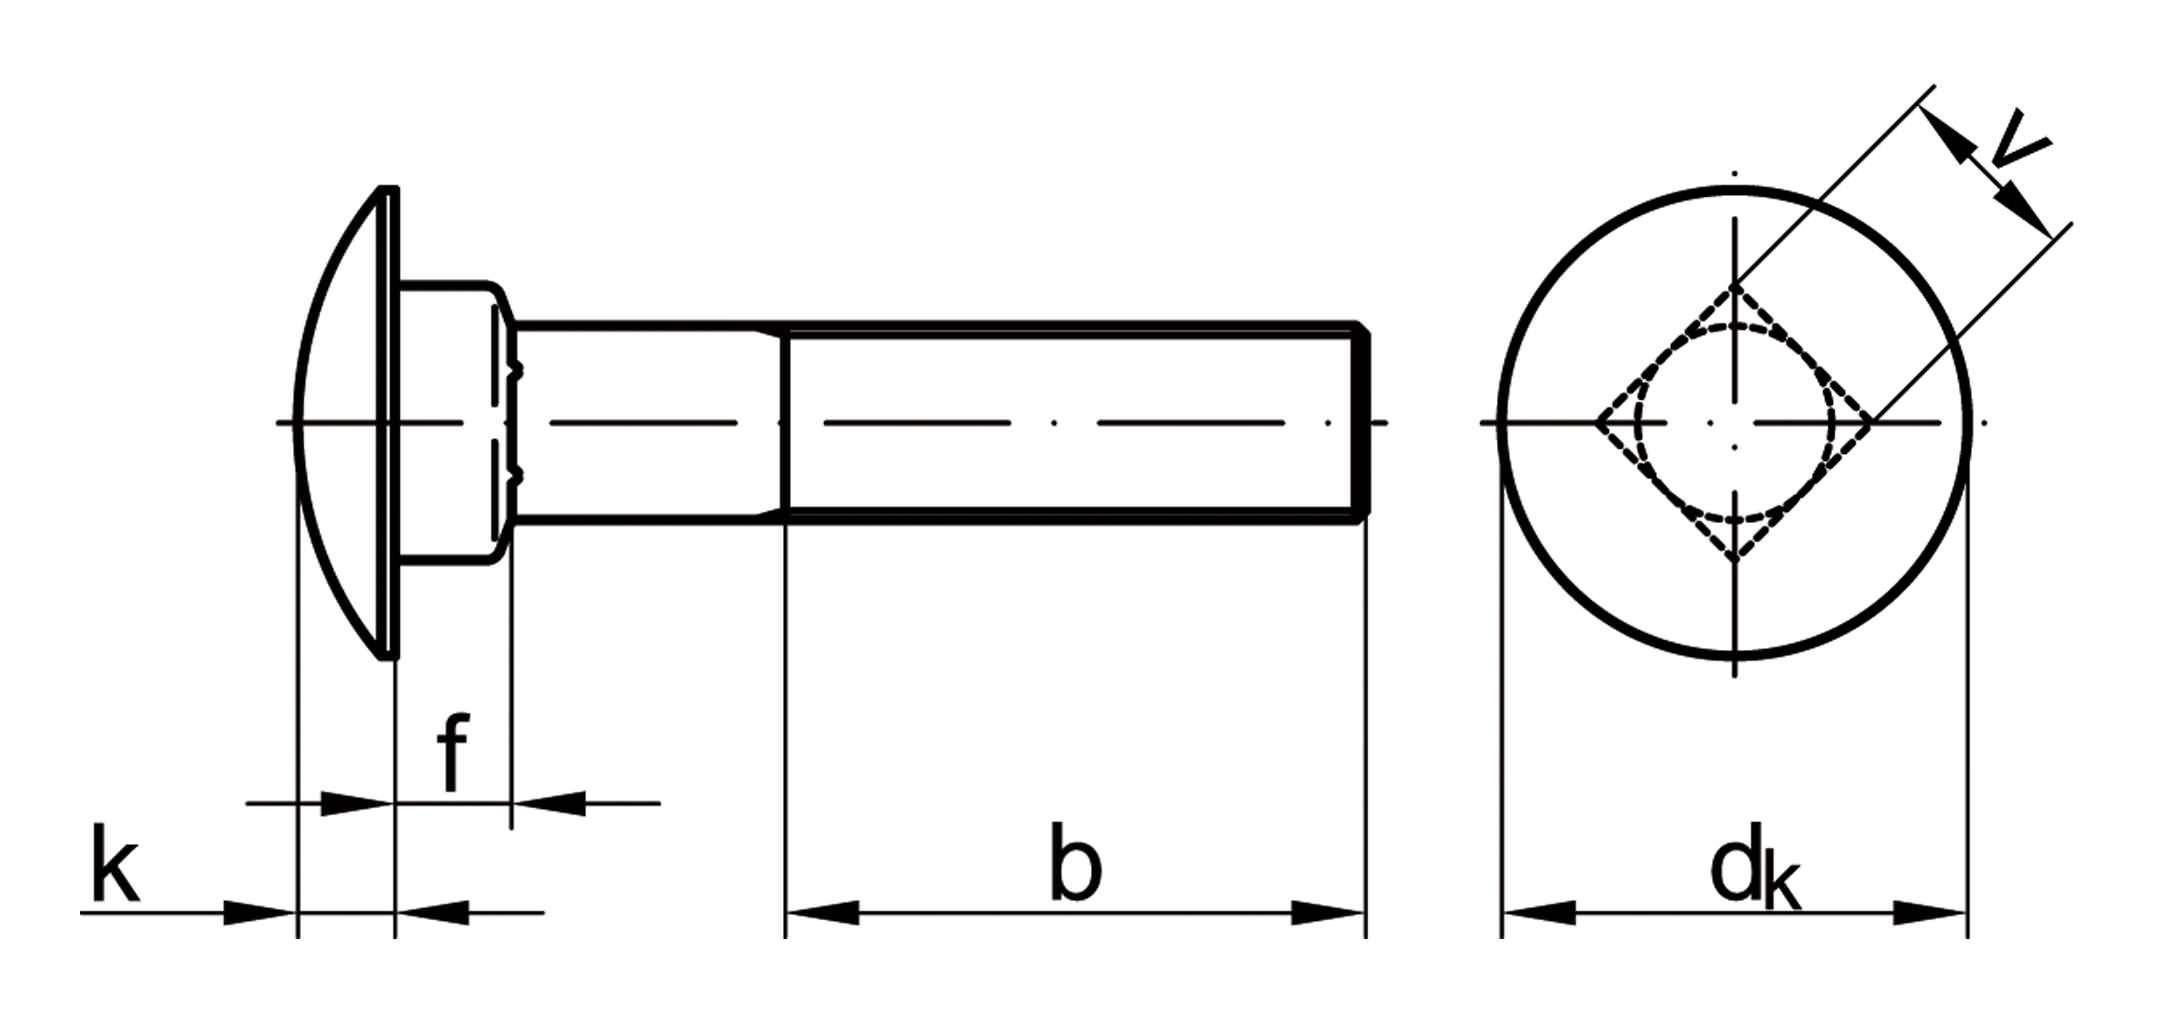 galvanisch verzinkt Mutter DIN 603 M 10 x 100mm VE = 100 St/ück Flachrundschrauben mit Vierkantansatz Stahl